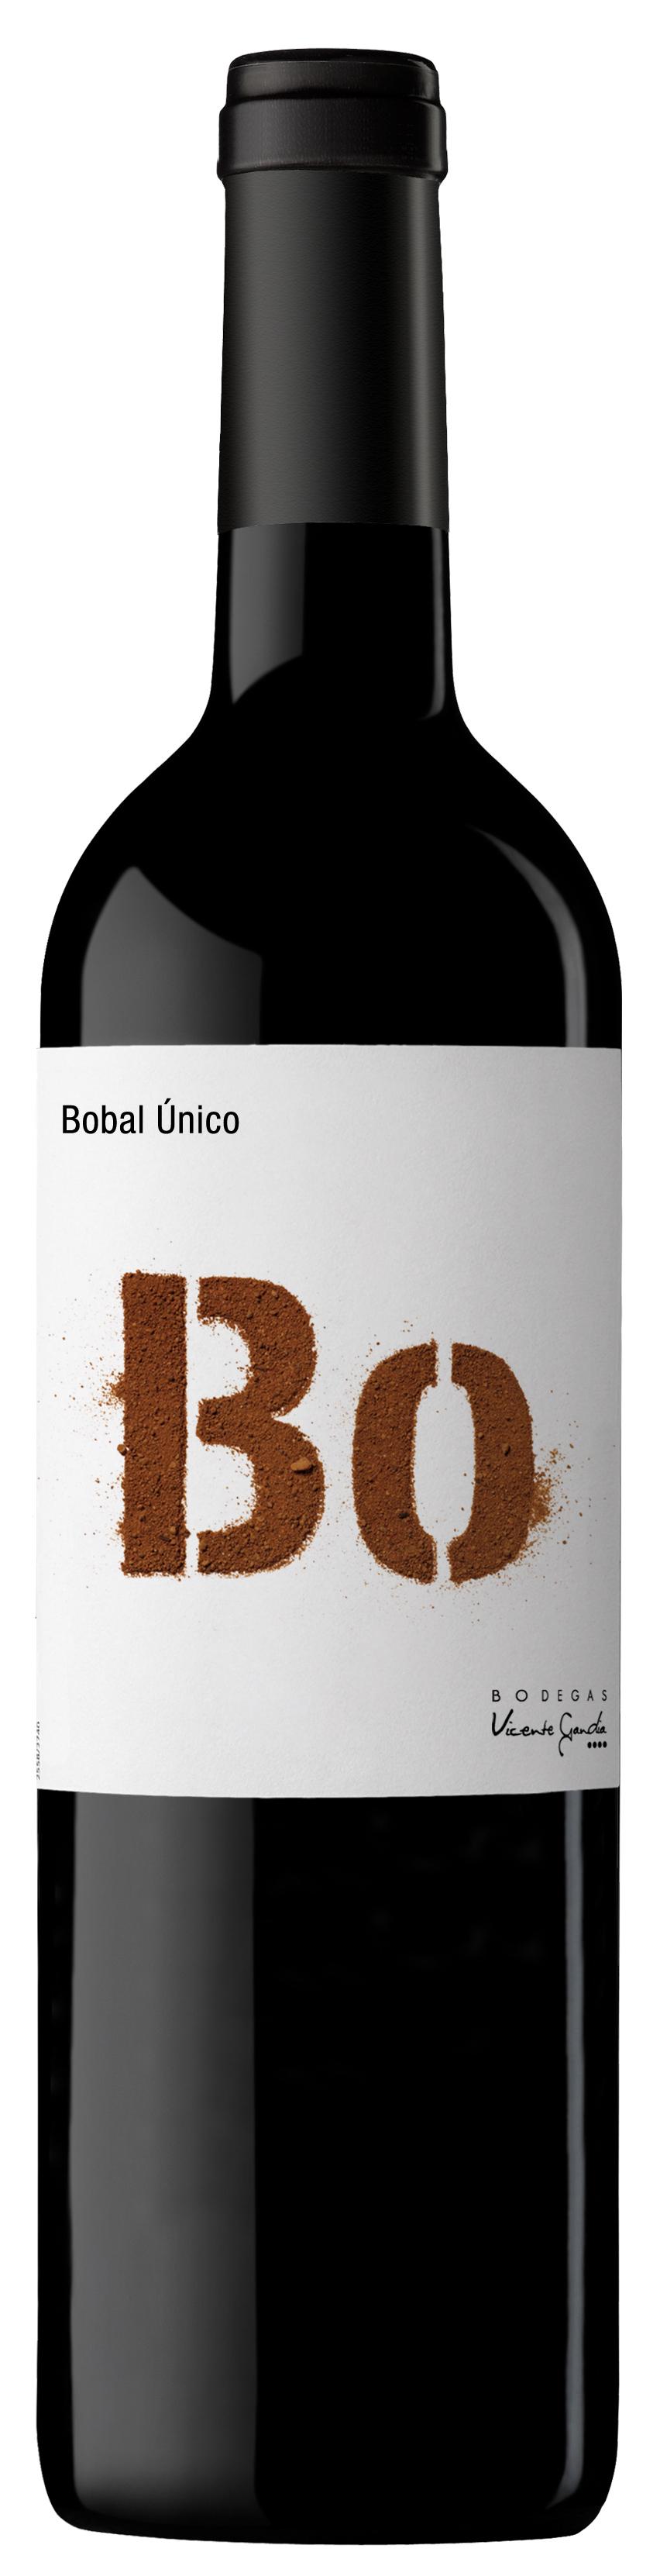 Vicente Gandia Bo, 100% Bobal